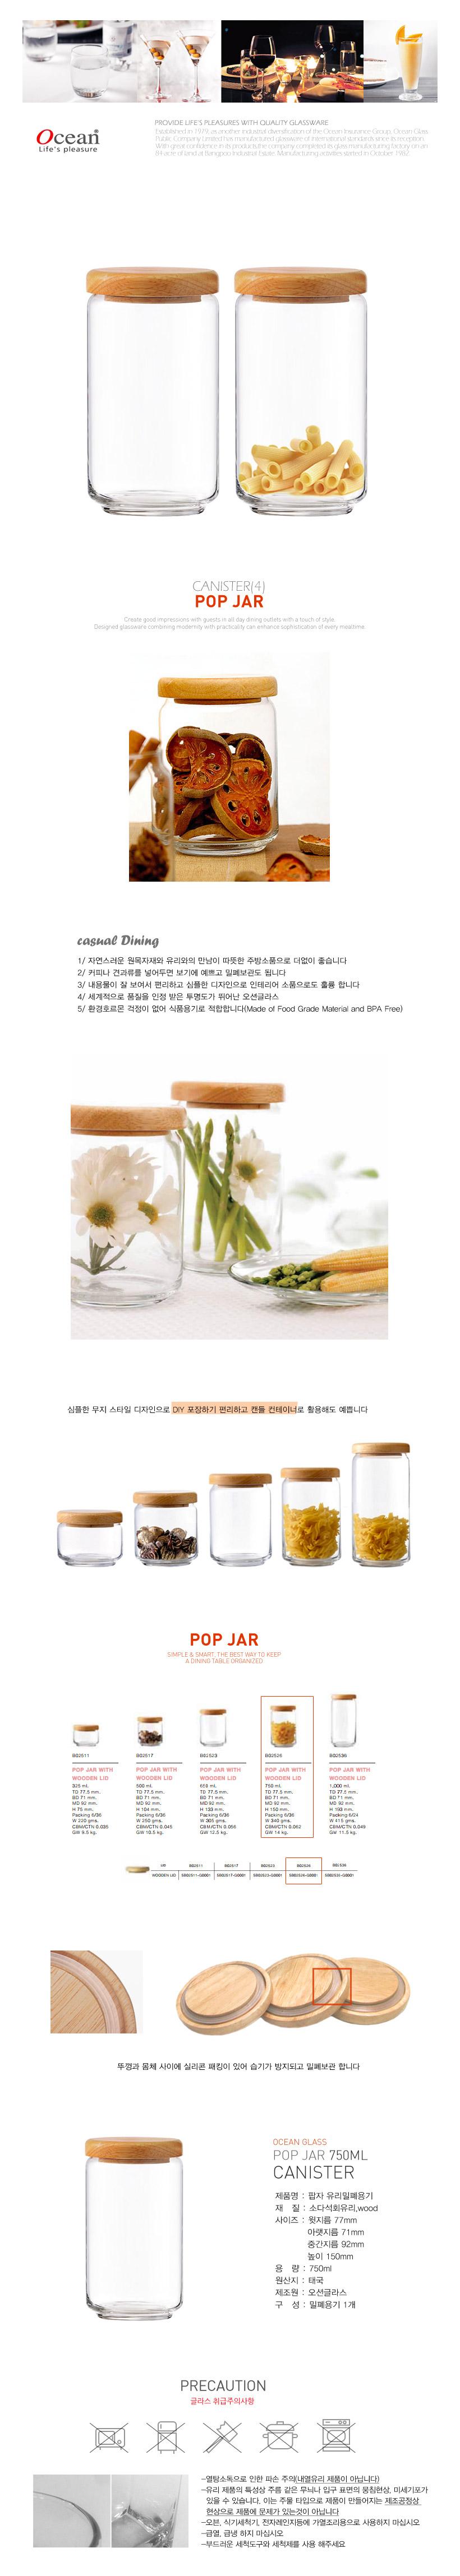 오션글라스 팝자 유리밀폐용기(wooden lid) 750ml/유리투명용기/canister/ocean glass/B02526 - 재미있는생활, 7,300원, 밀폐/보관용기, 양념통/오일통